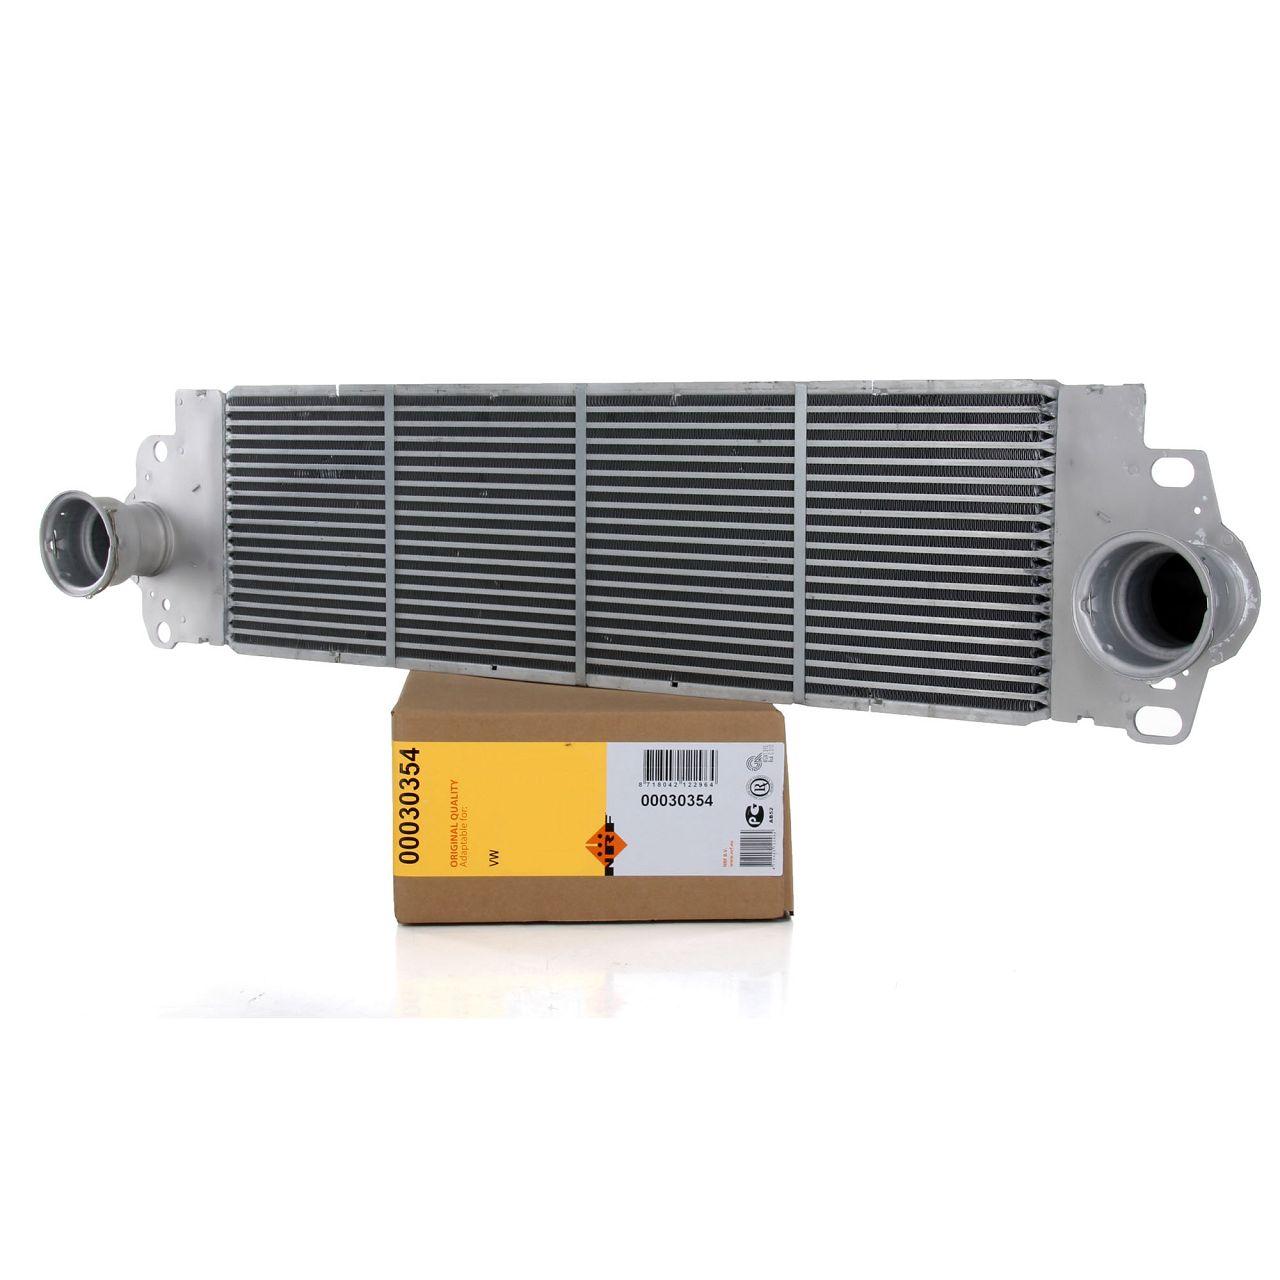 NRF Ladeluftkühler Kühler 30354 für VW MULTIVAN TRANSPORTER T5 T6 1.9/2.0/2.5TDI